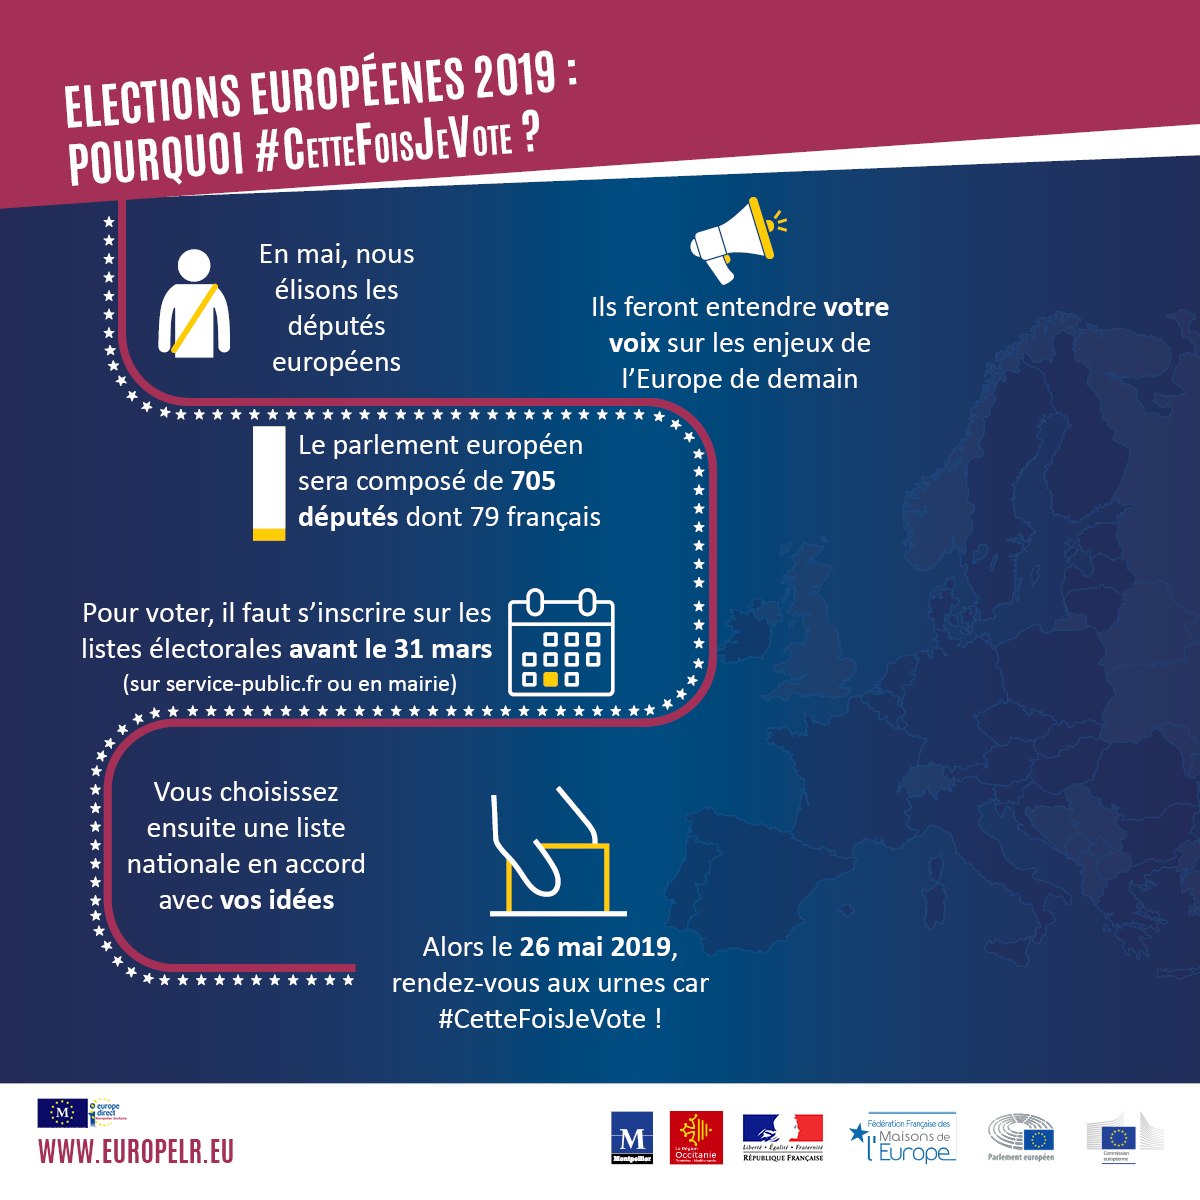 Image_WebetRéseauxSociaux_ElectionEuropéenes_1200x1200p_72dpi_RVB.jpg